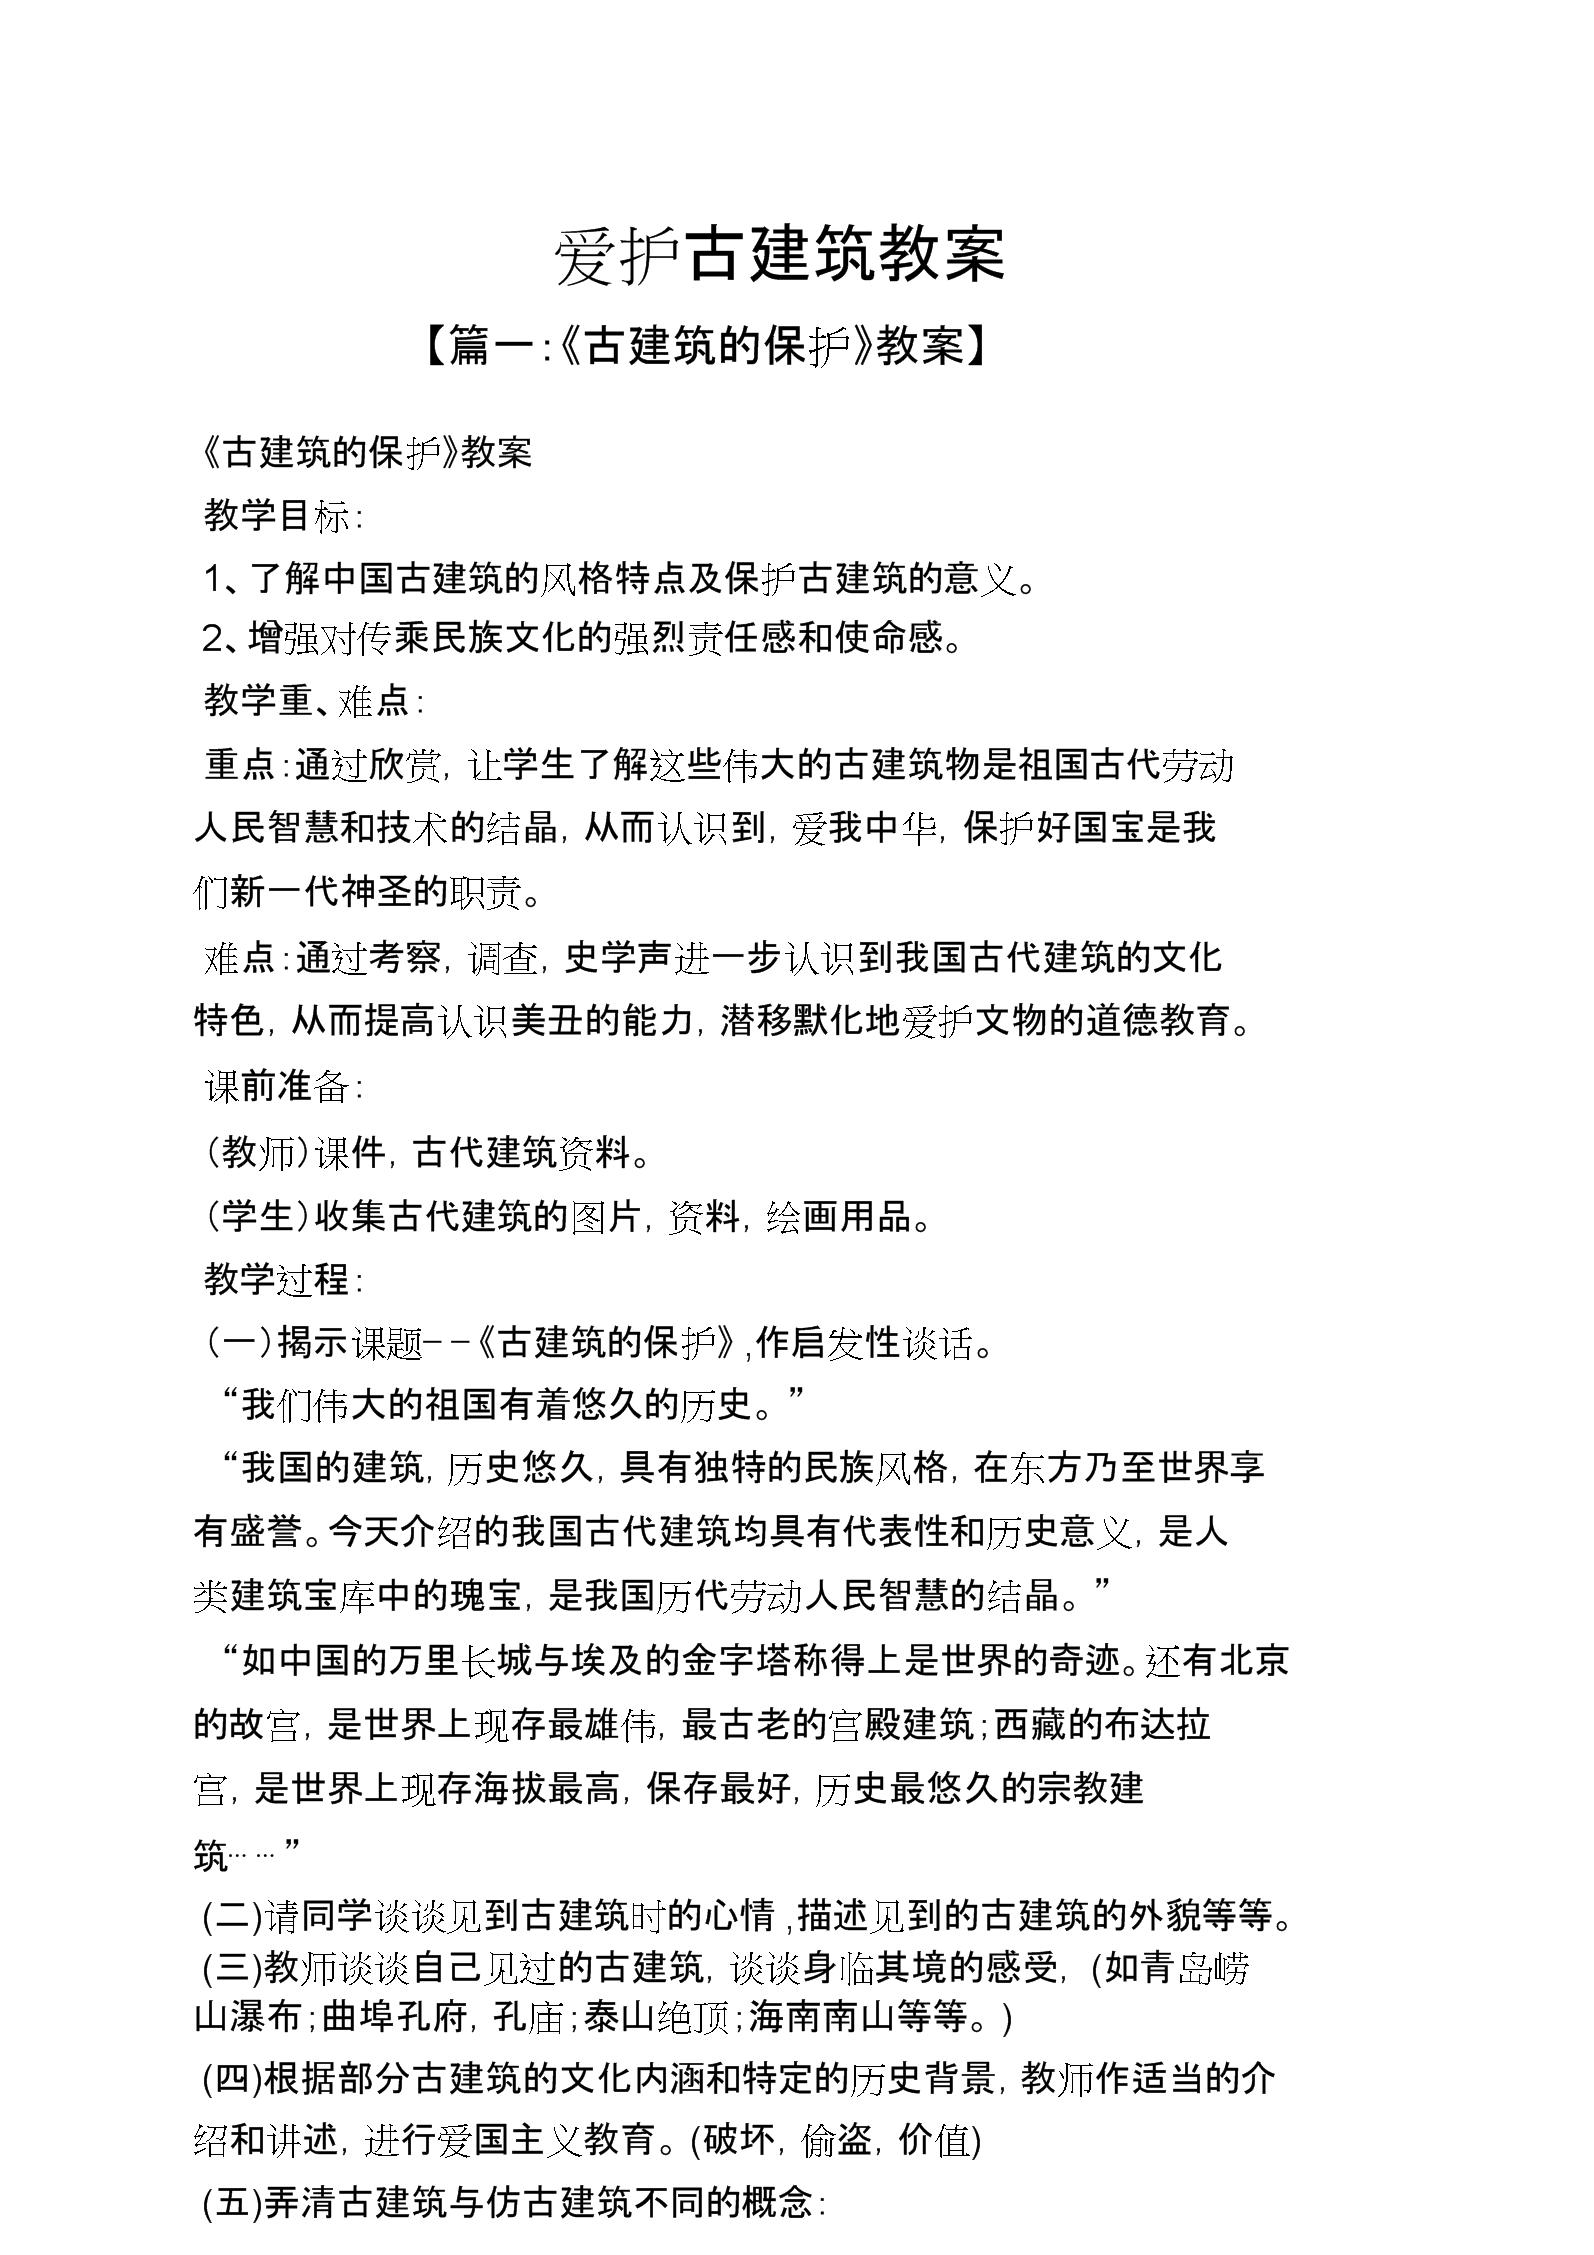 爱护古建筑优质教案.doc